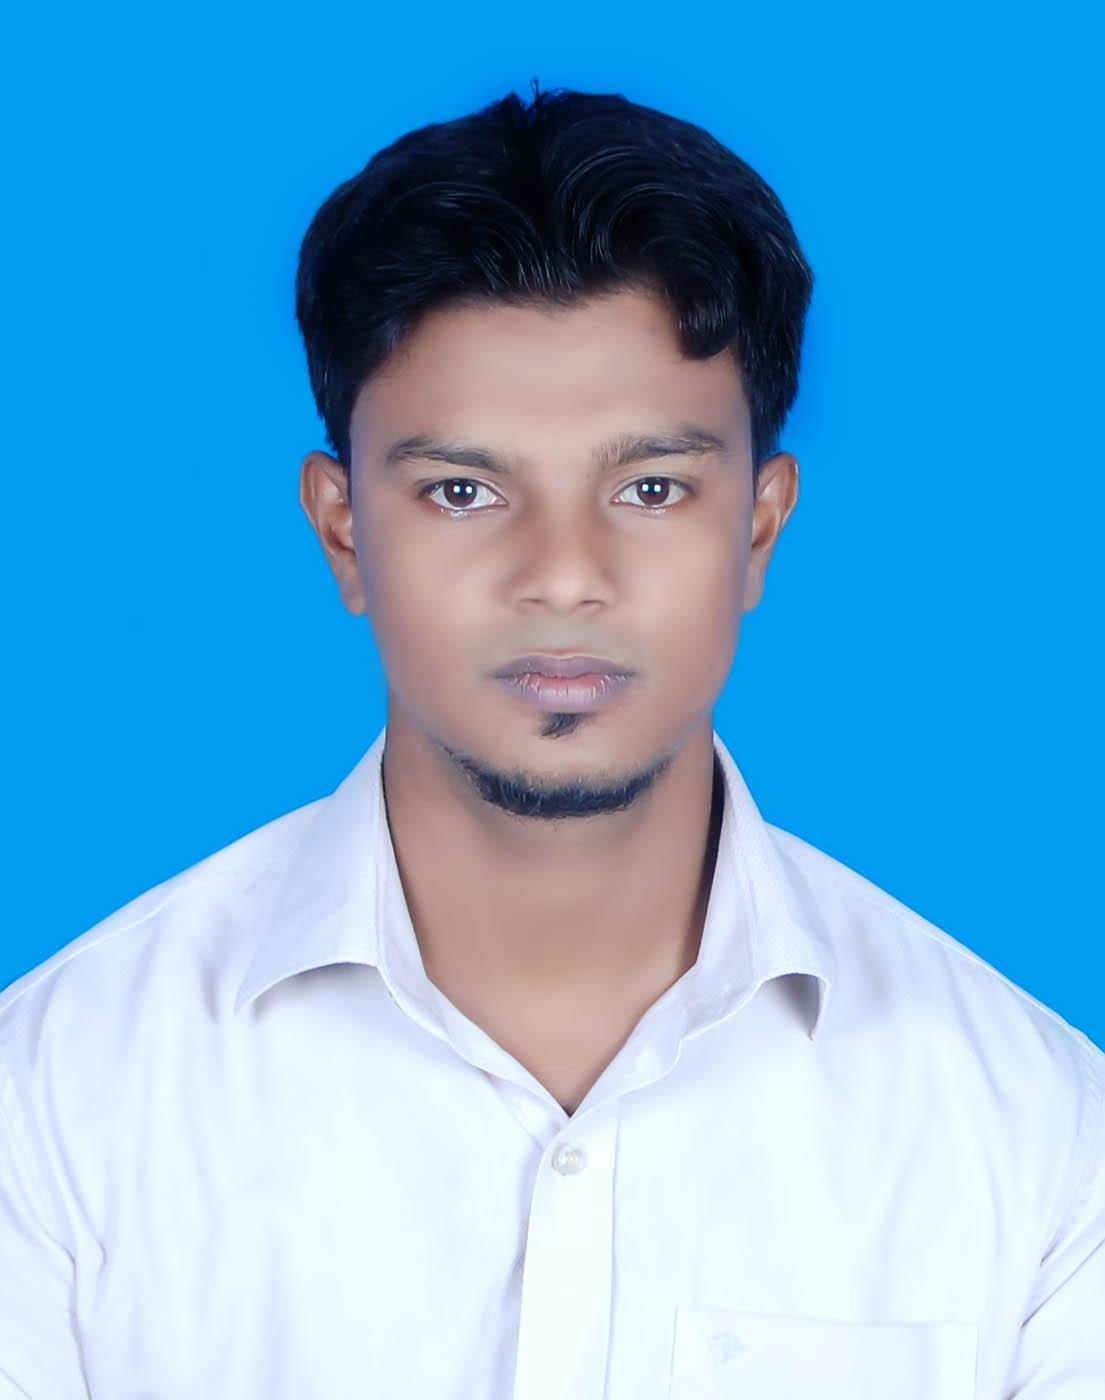 shariya